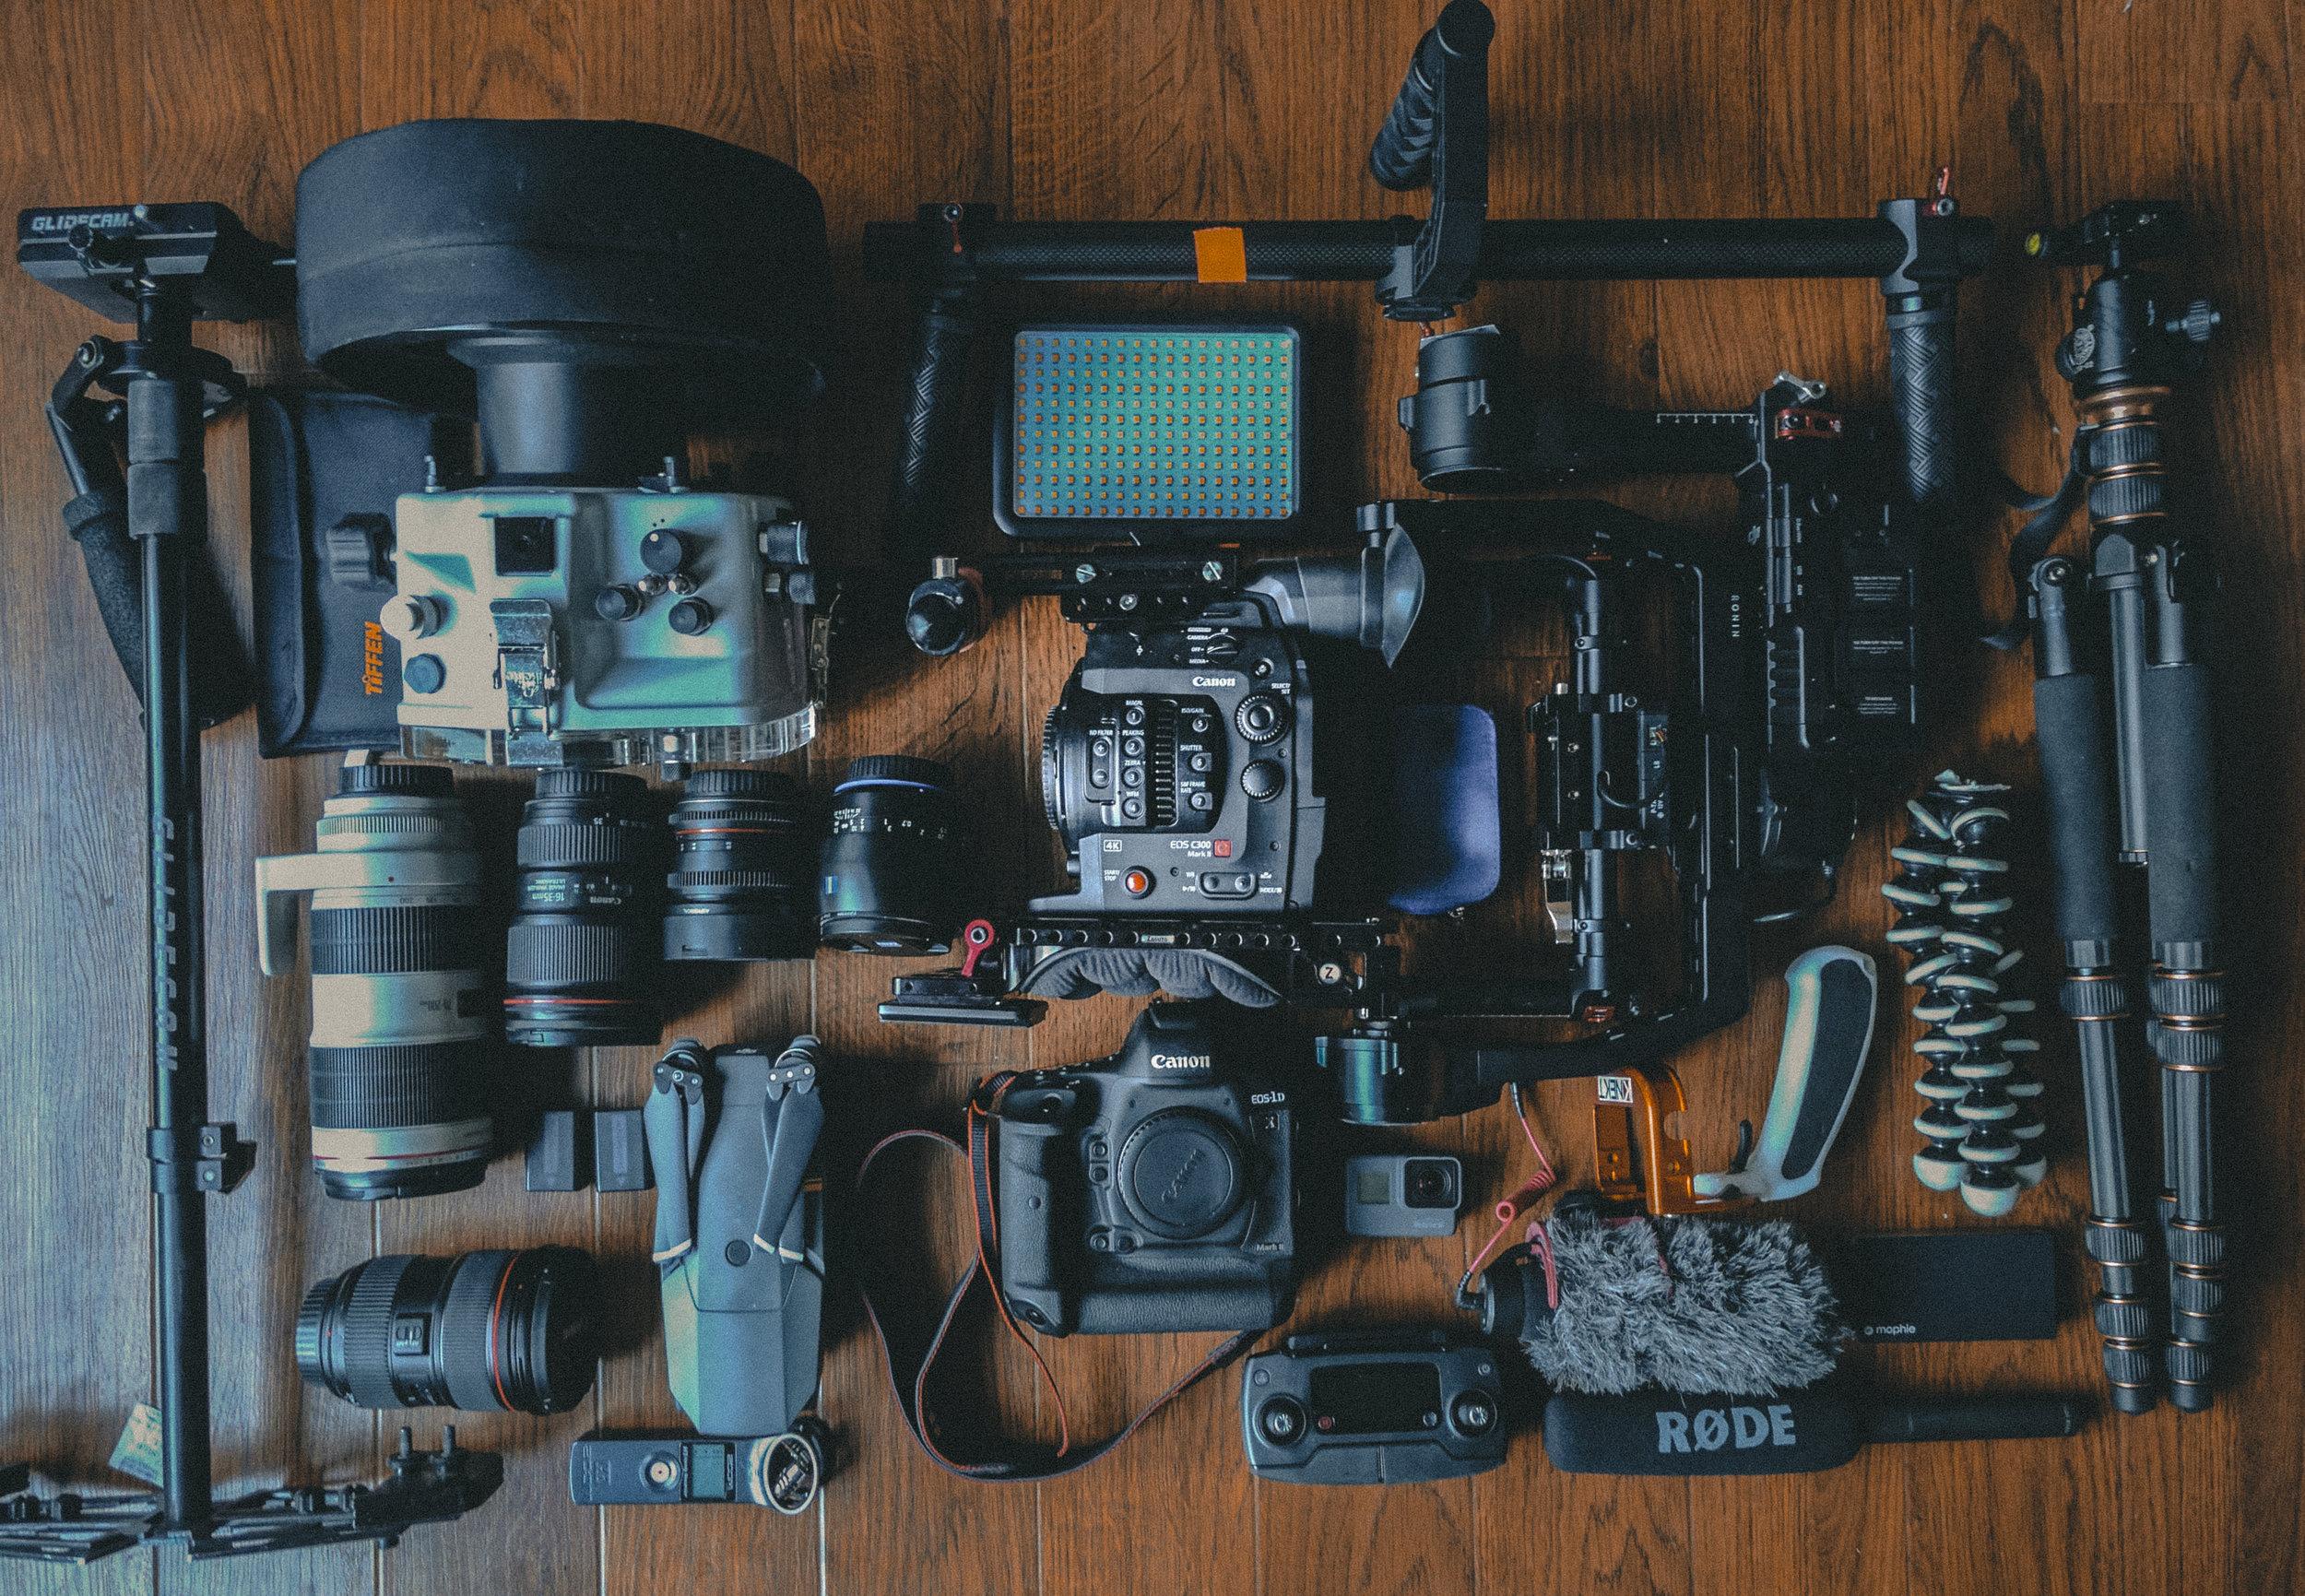 Filmmaking tips 101 - I migliori consigli per Videomaker di primo livello